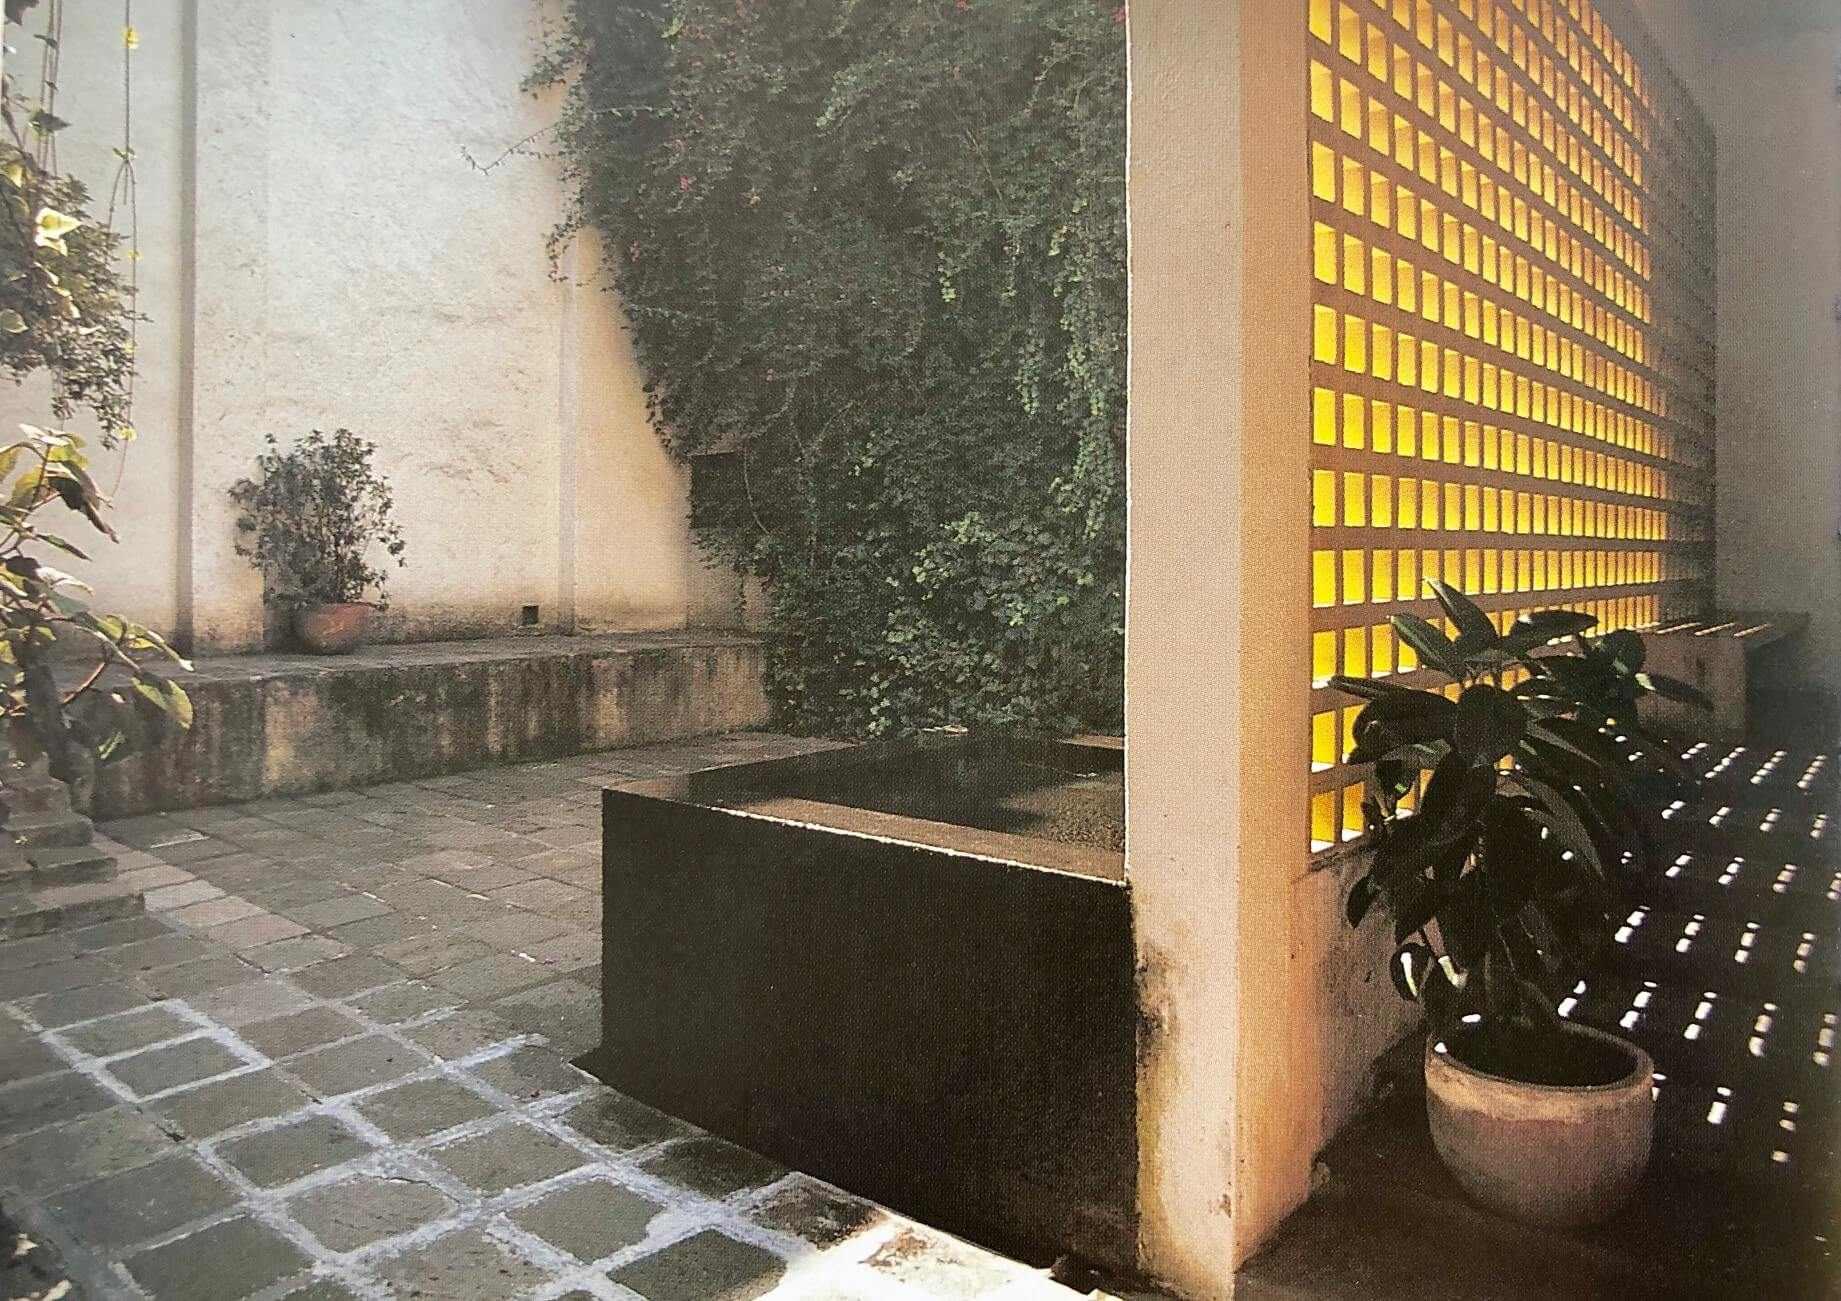 חפצים - עיצוב הבית צניעות</br>אפיקוריזם – פילוסופיה של הנאה המושגת באמצעים צנועים